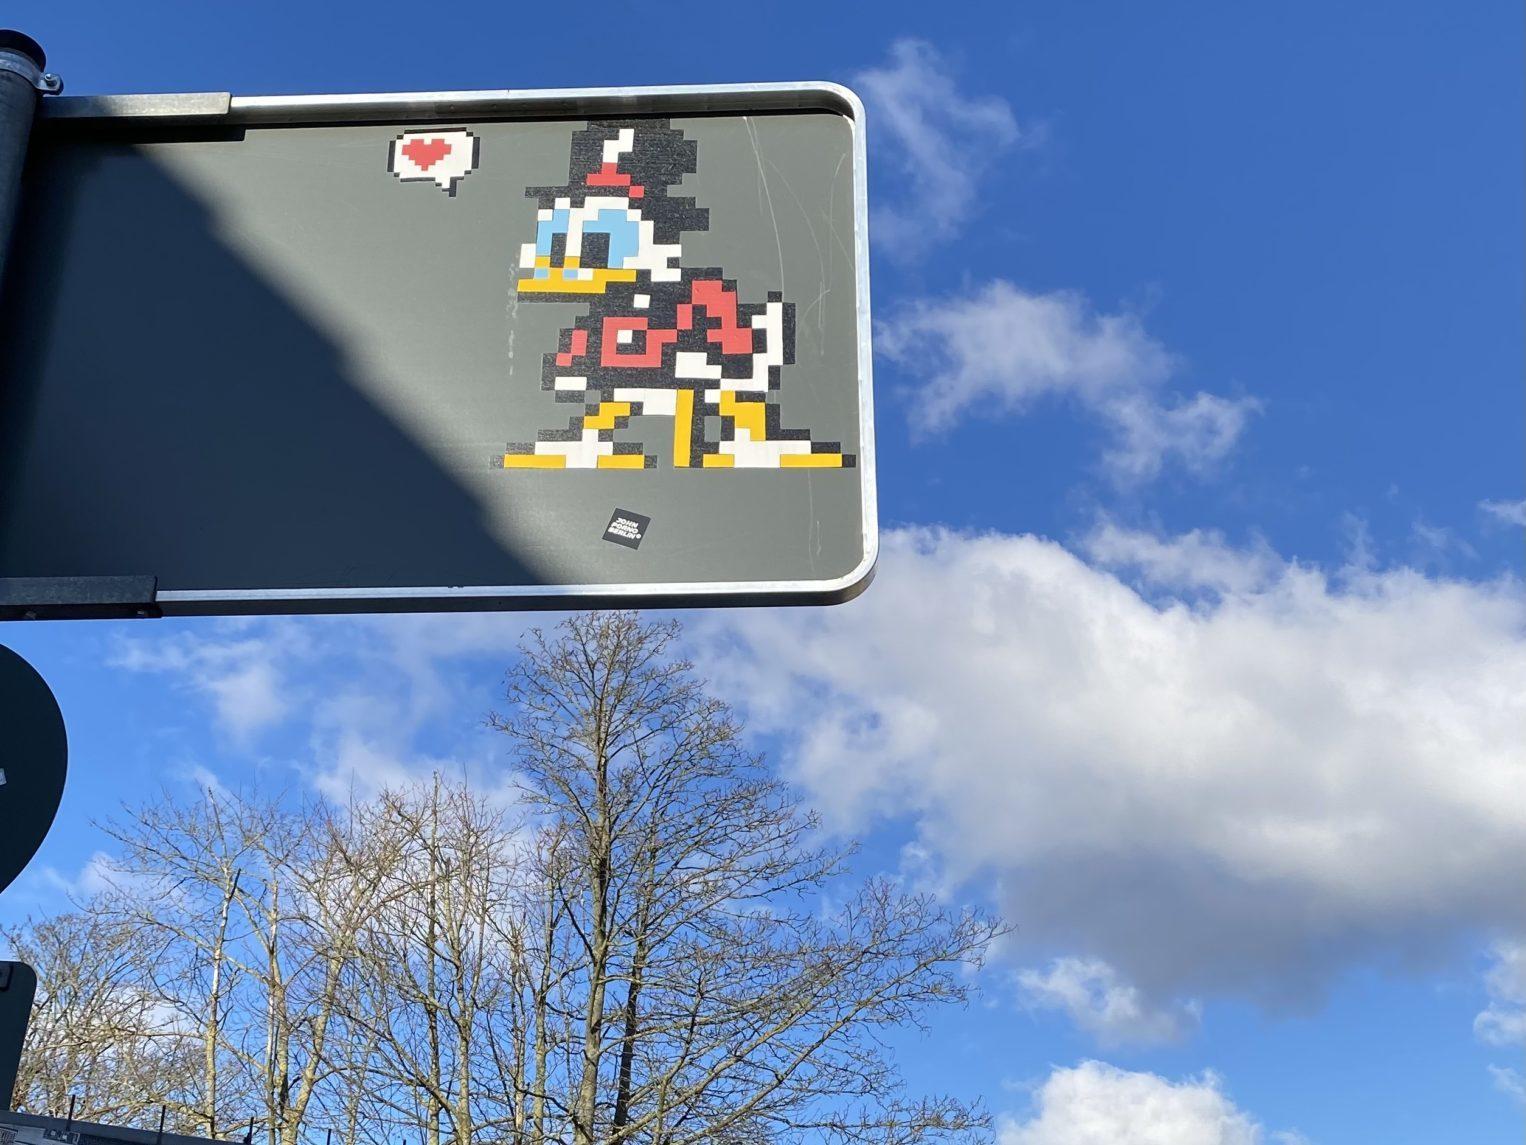 Pixel Art von Dagobert Duck an der Rückseite eines Verkehrsschildes.